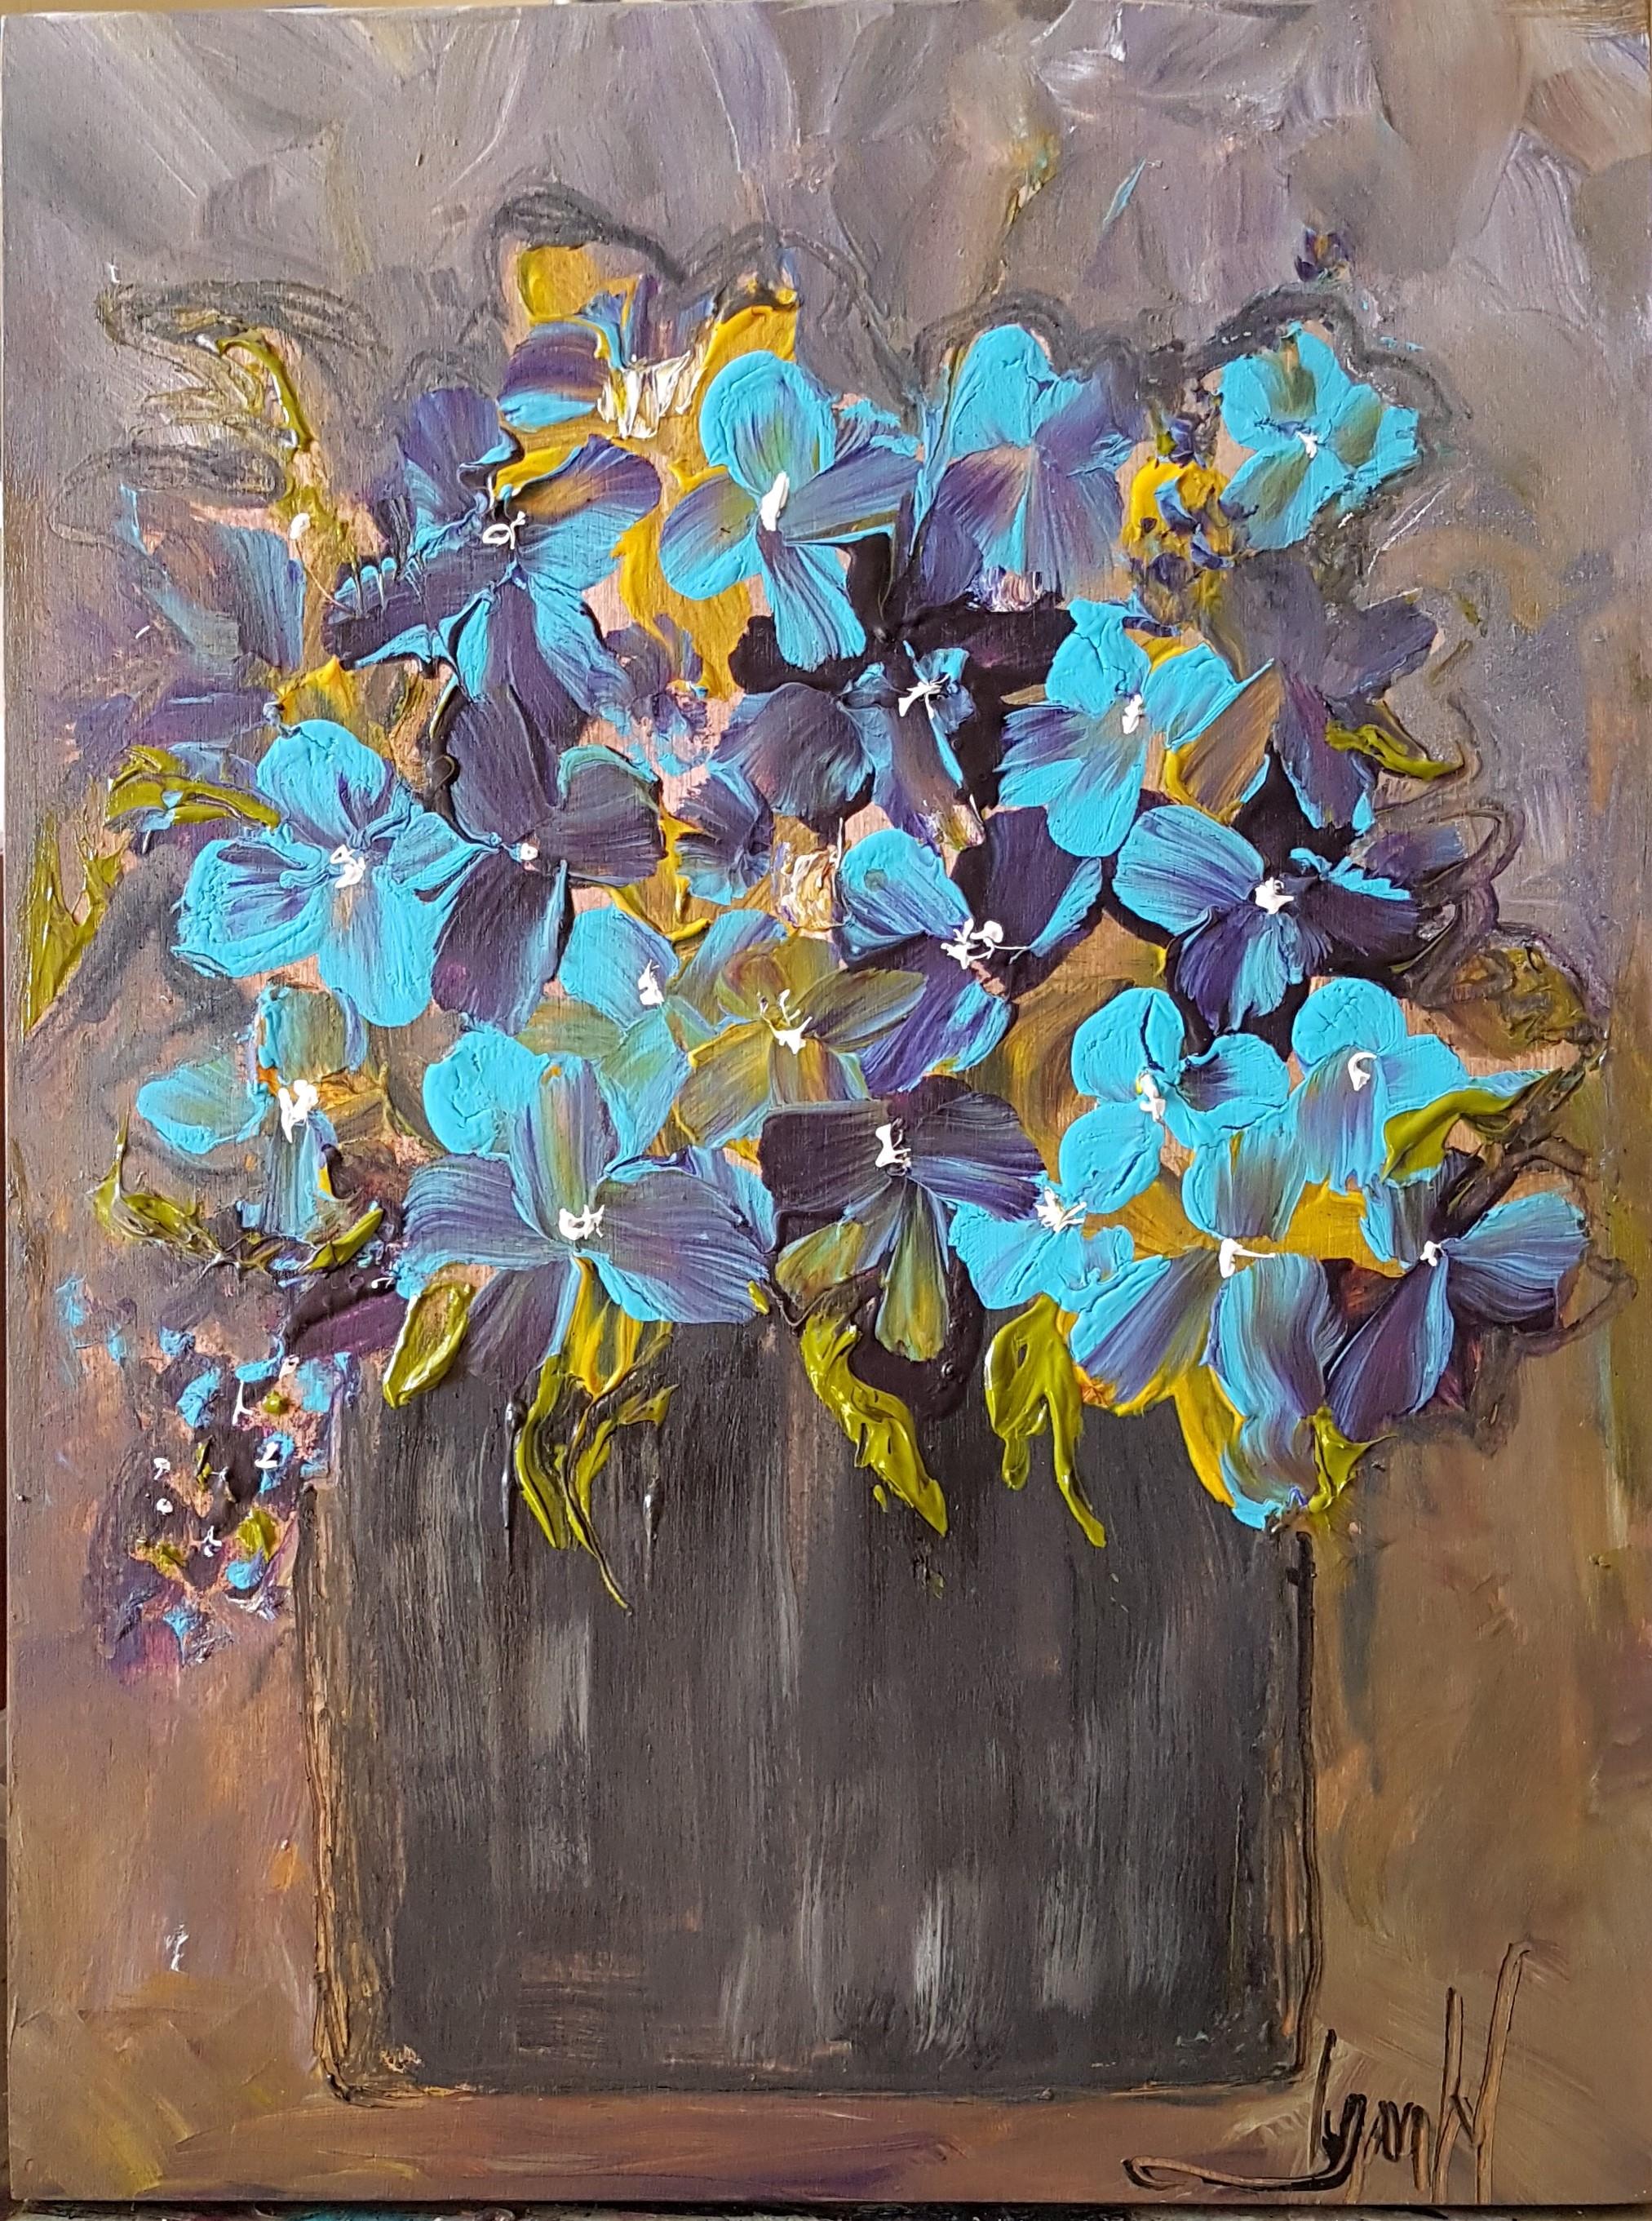 Flowers Series #15 Blue Black White Purple in Black Vase Wood Cradle Panel 9 x 12 March 2019 .jpg